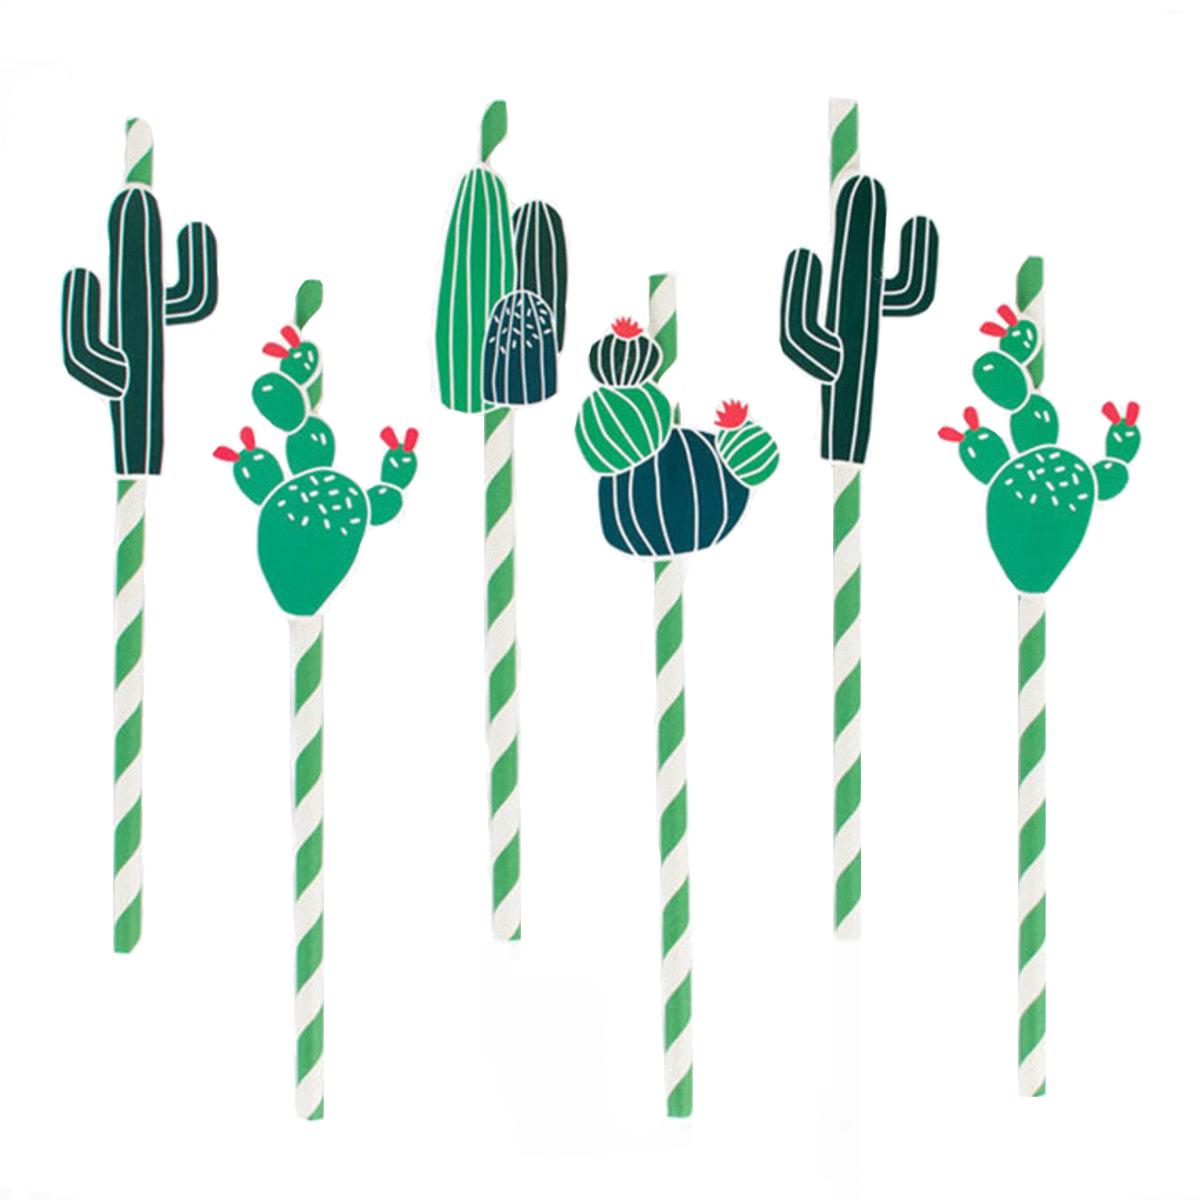 Anniversaire & Fête Lot de 12 Pailles Cactus Lot de 12 Pailles Cactus